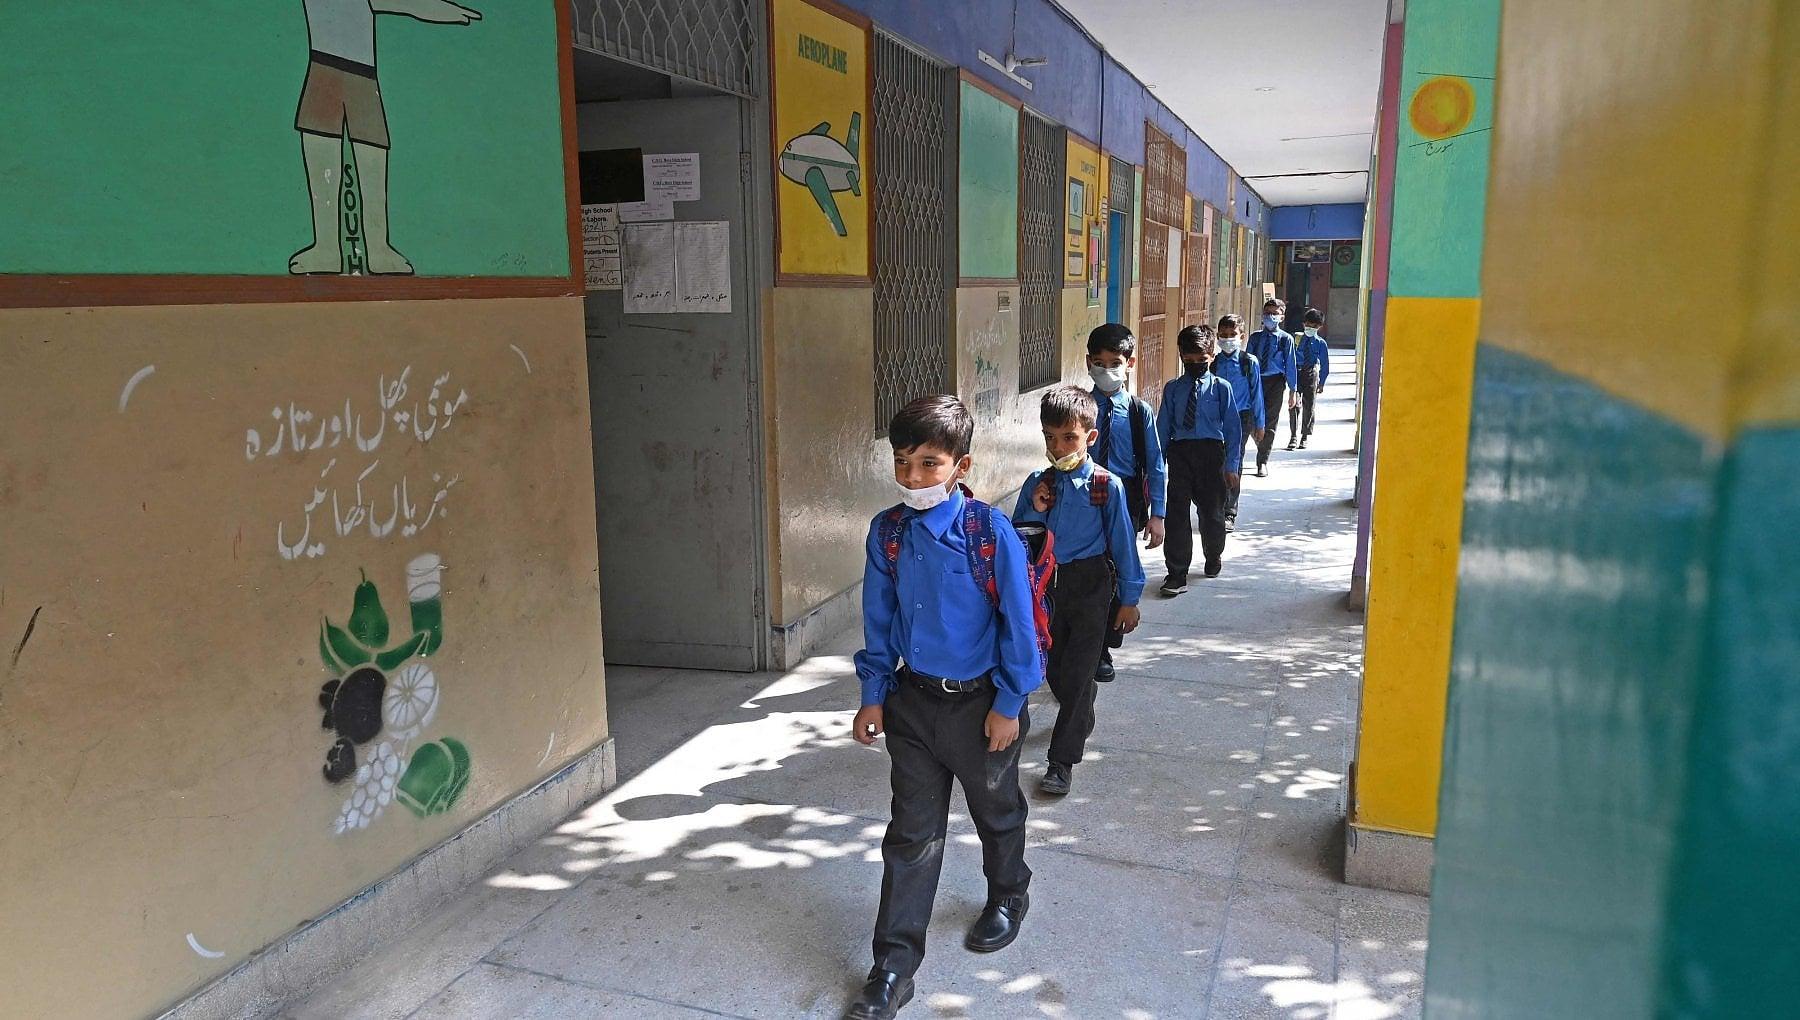 003420898 fa179c29 493b 4b6d aba6 8d8dcca3c324 - Incubo Dad, ecco cosa è successo nei Paesi dove le scuole hanno già riaperto